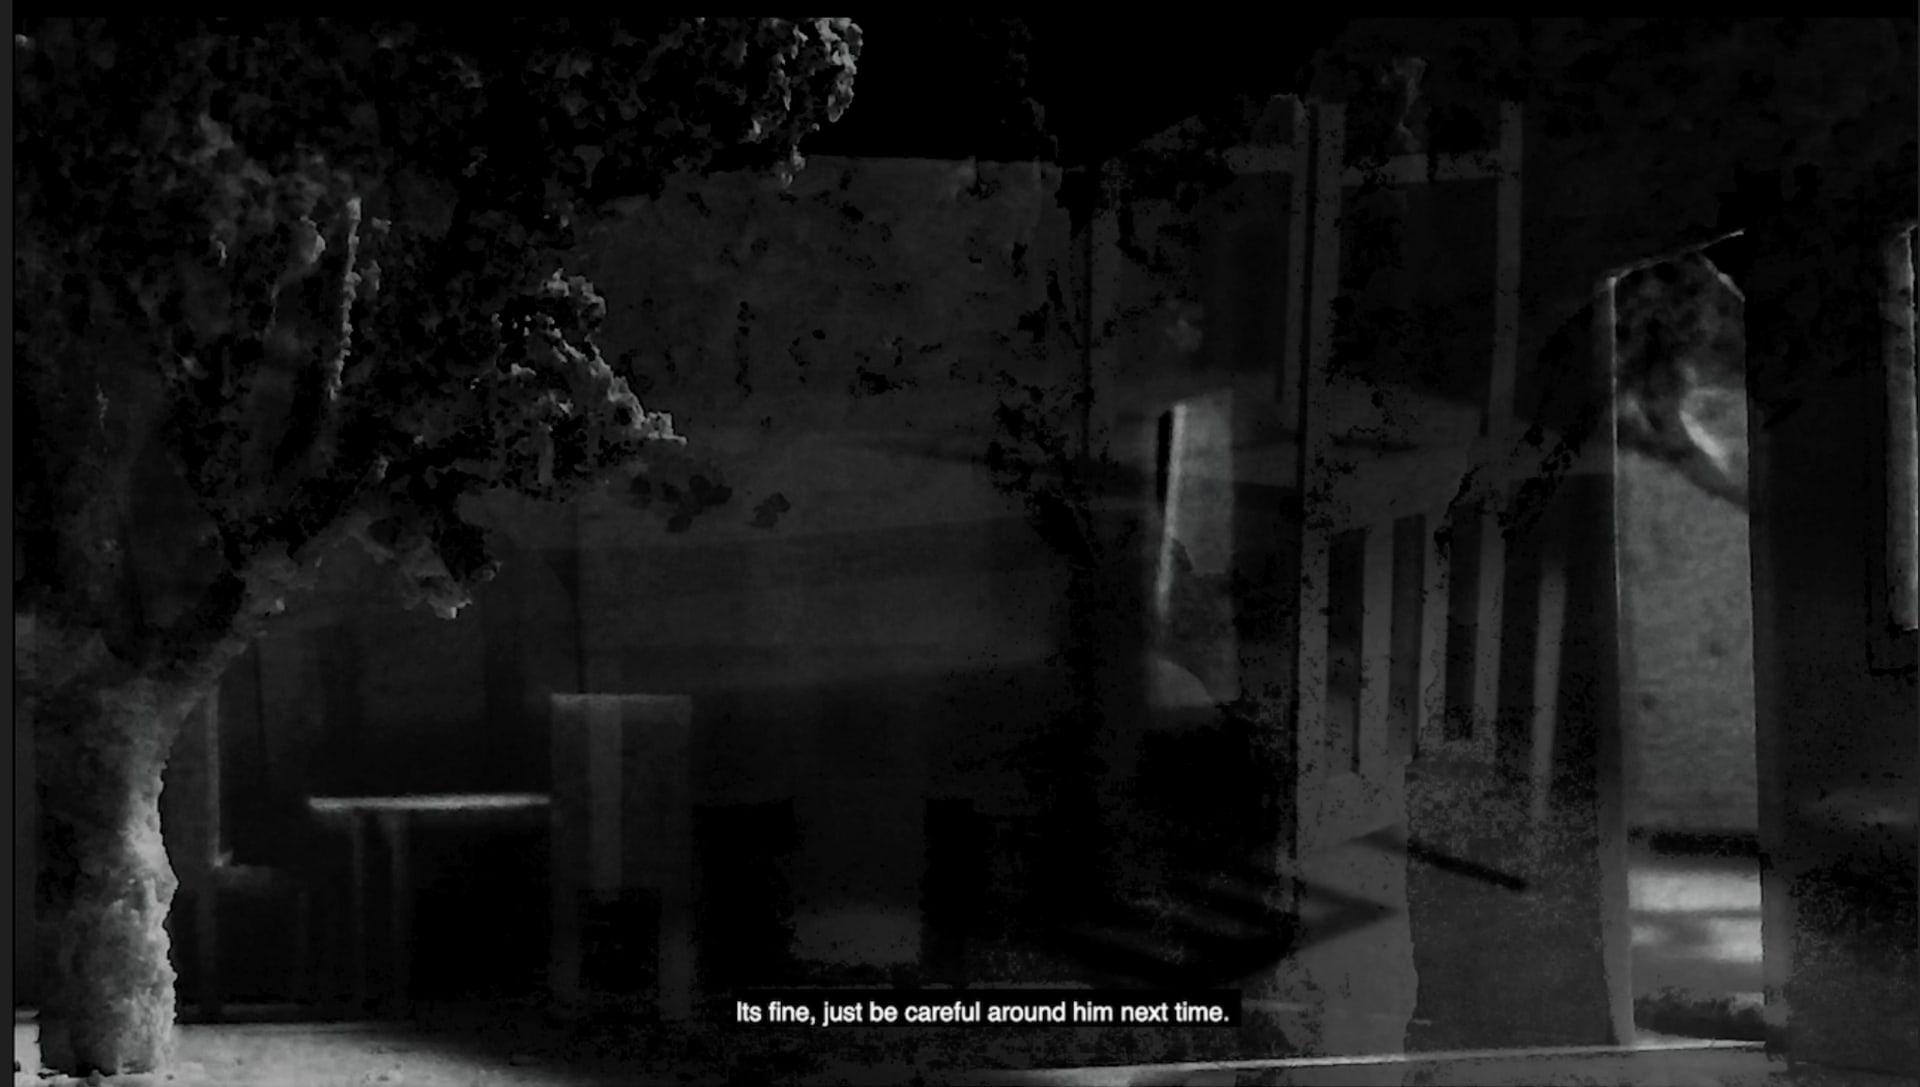 Film Still  - 01:14 sec, Sweden,Skurup